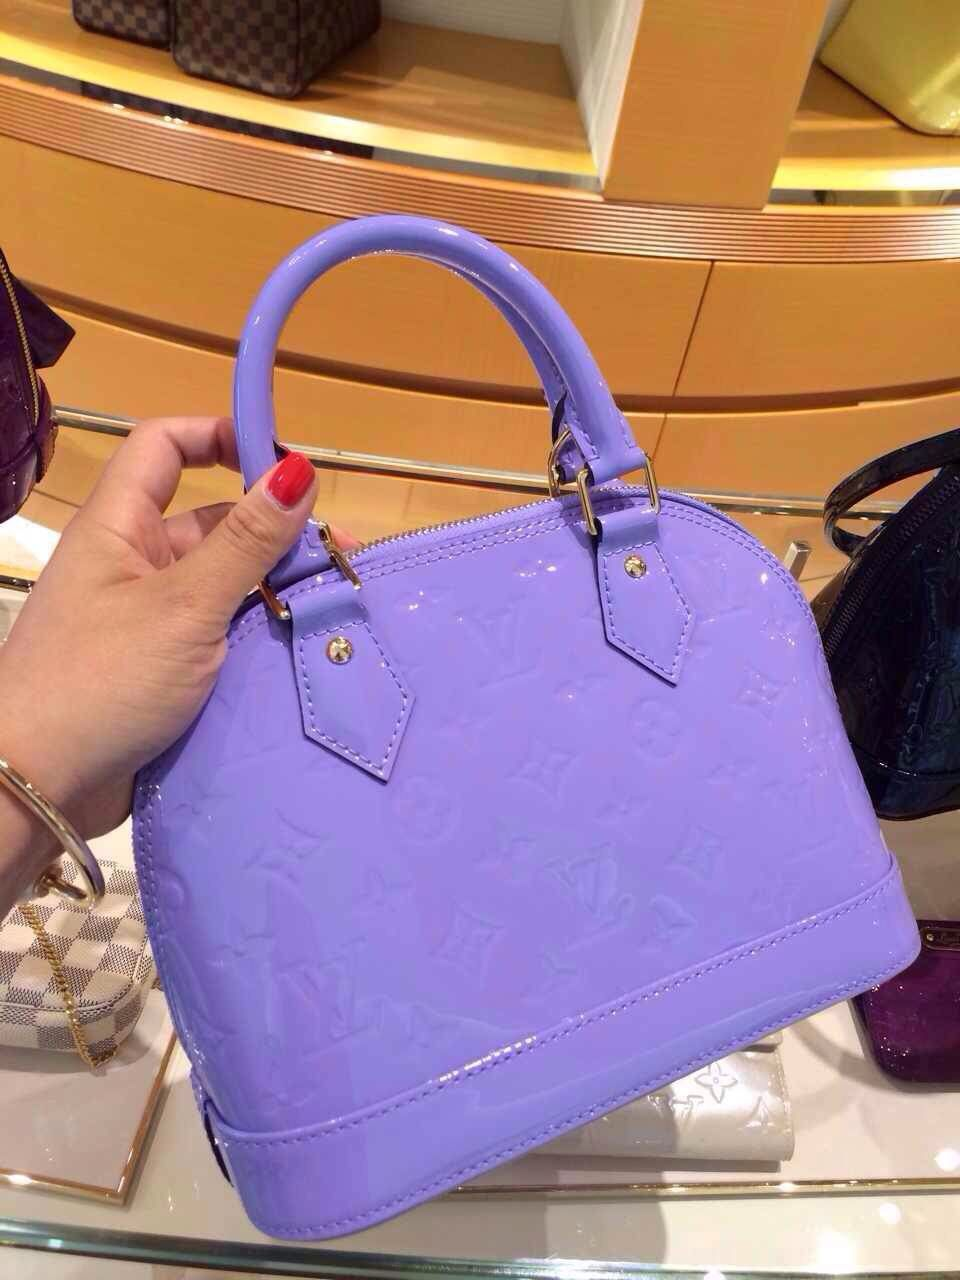 0dce02e8db3c Popular Color Louis Vuitton Vernis Alma BB Bag Lilas